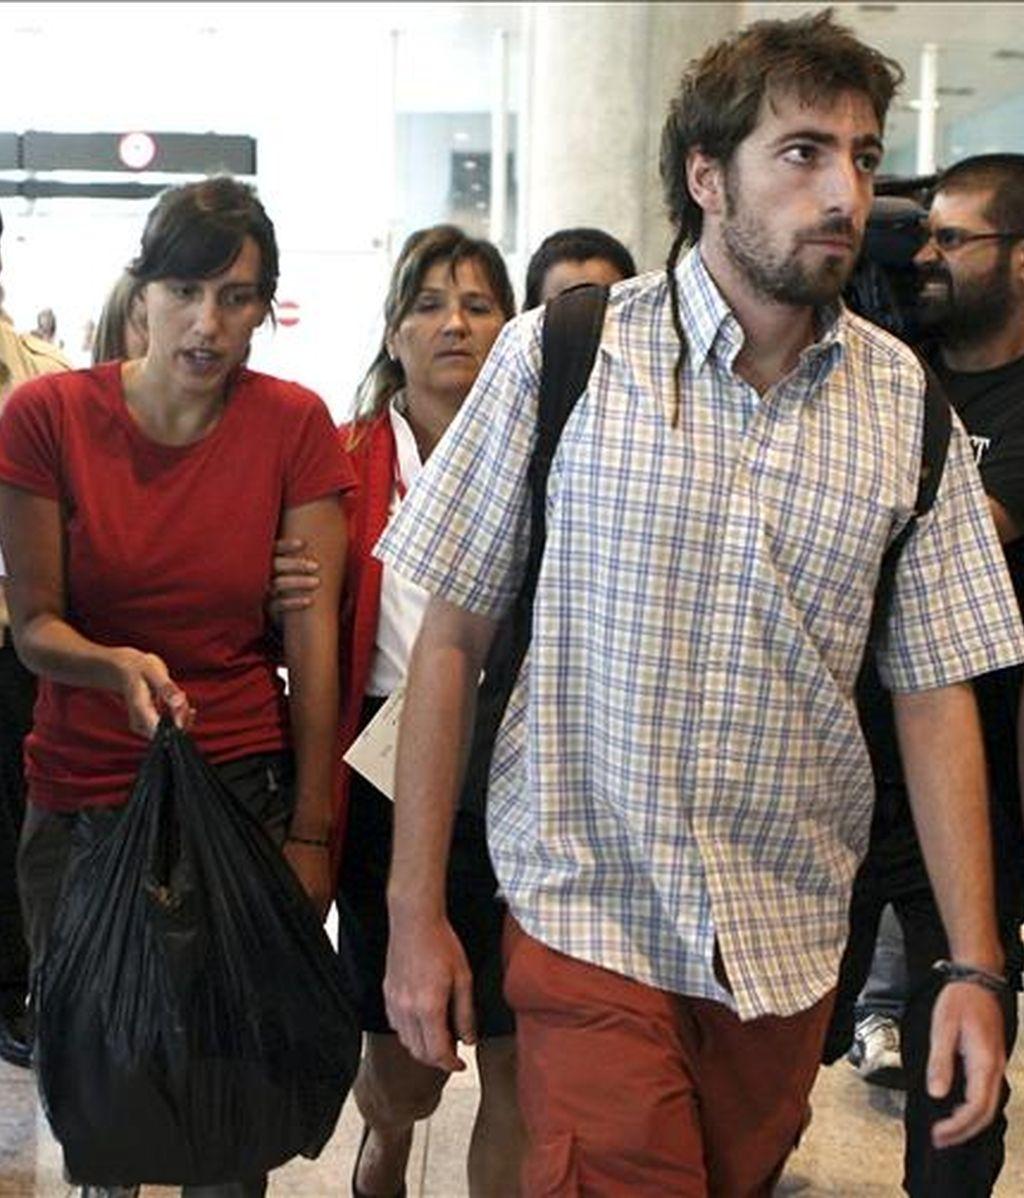 El barcelonés Bernat Palau y la mallorquina Aina Frau, los dos jóvenes supervivientes del accidente en un río mexicano, en el que perdieron la vida tres personas y una cuarta continua desaparecida, a su llegada hoy al aeropuerto de El Prat de Barcelona. EFE